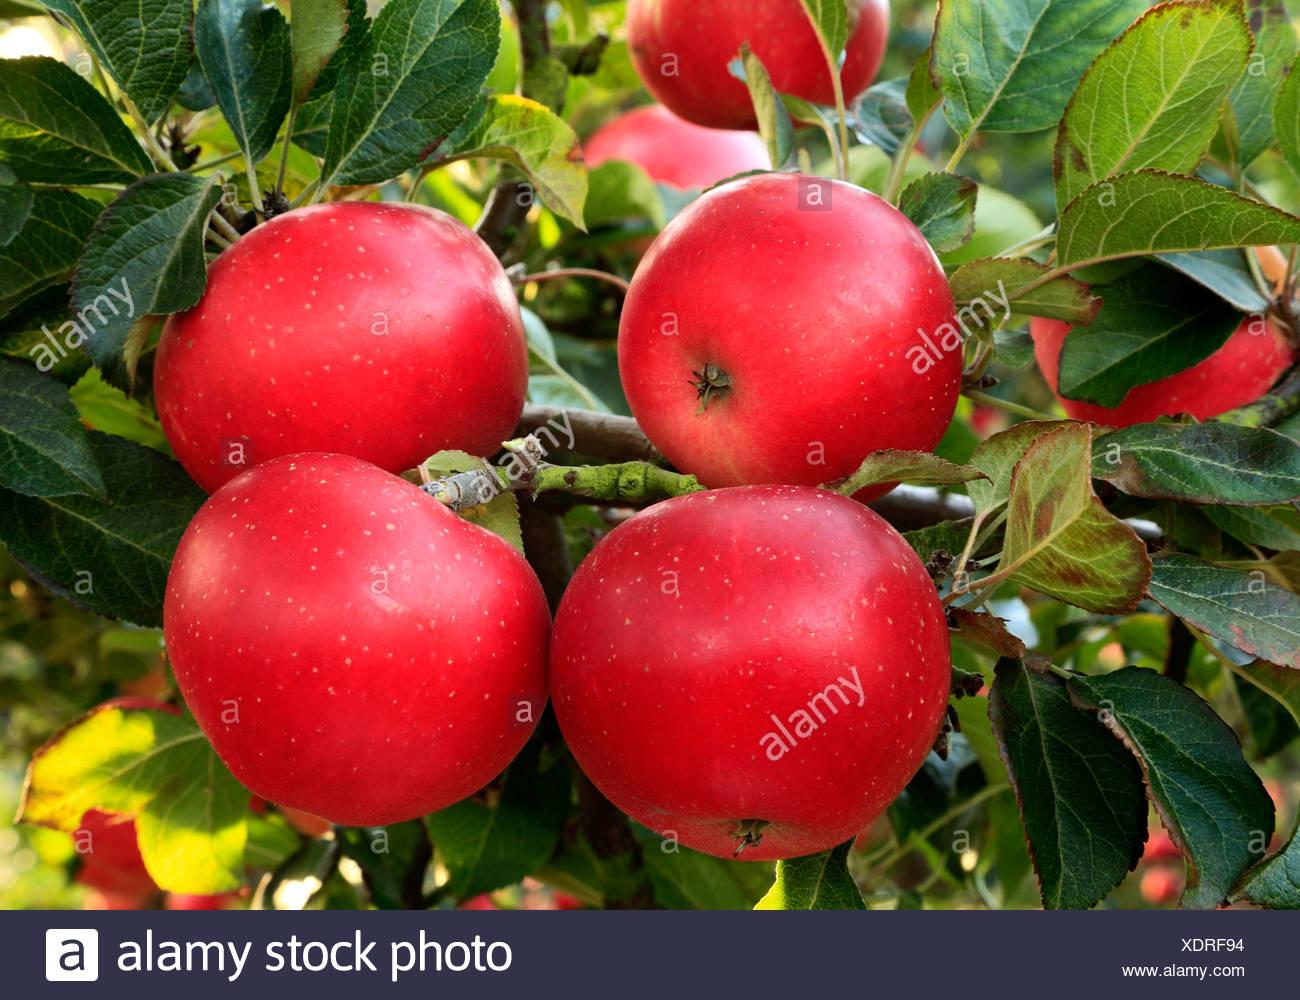 Apfel 'Entdeckung' Malus Domestica, rote Äpfel, benannt verschiedene Sorten wachsen auf Baum Stockbild